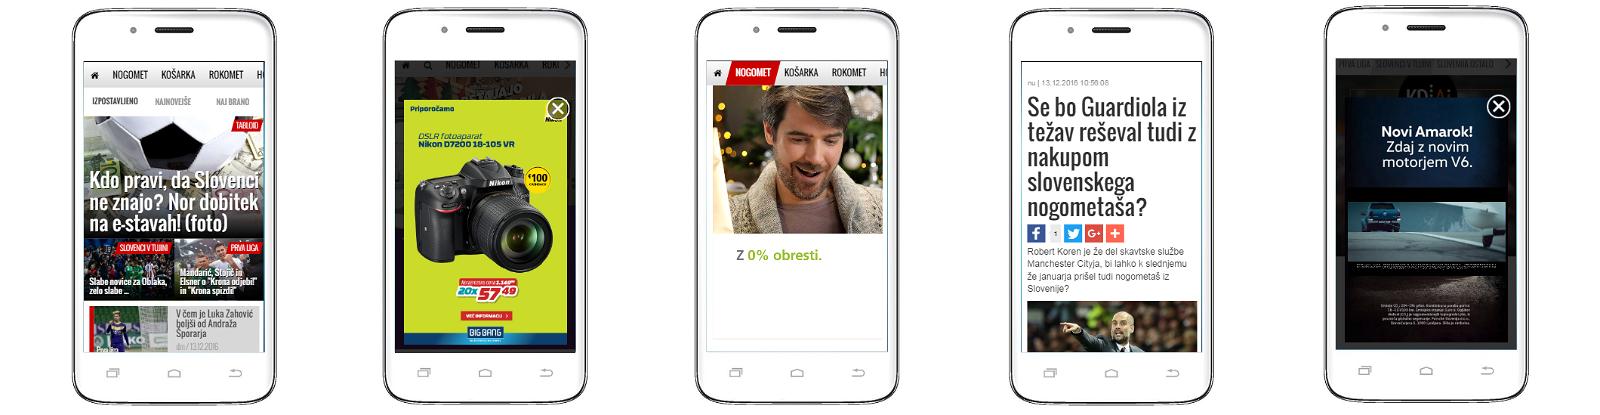 mobi-reklame-zakup